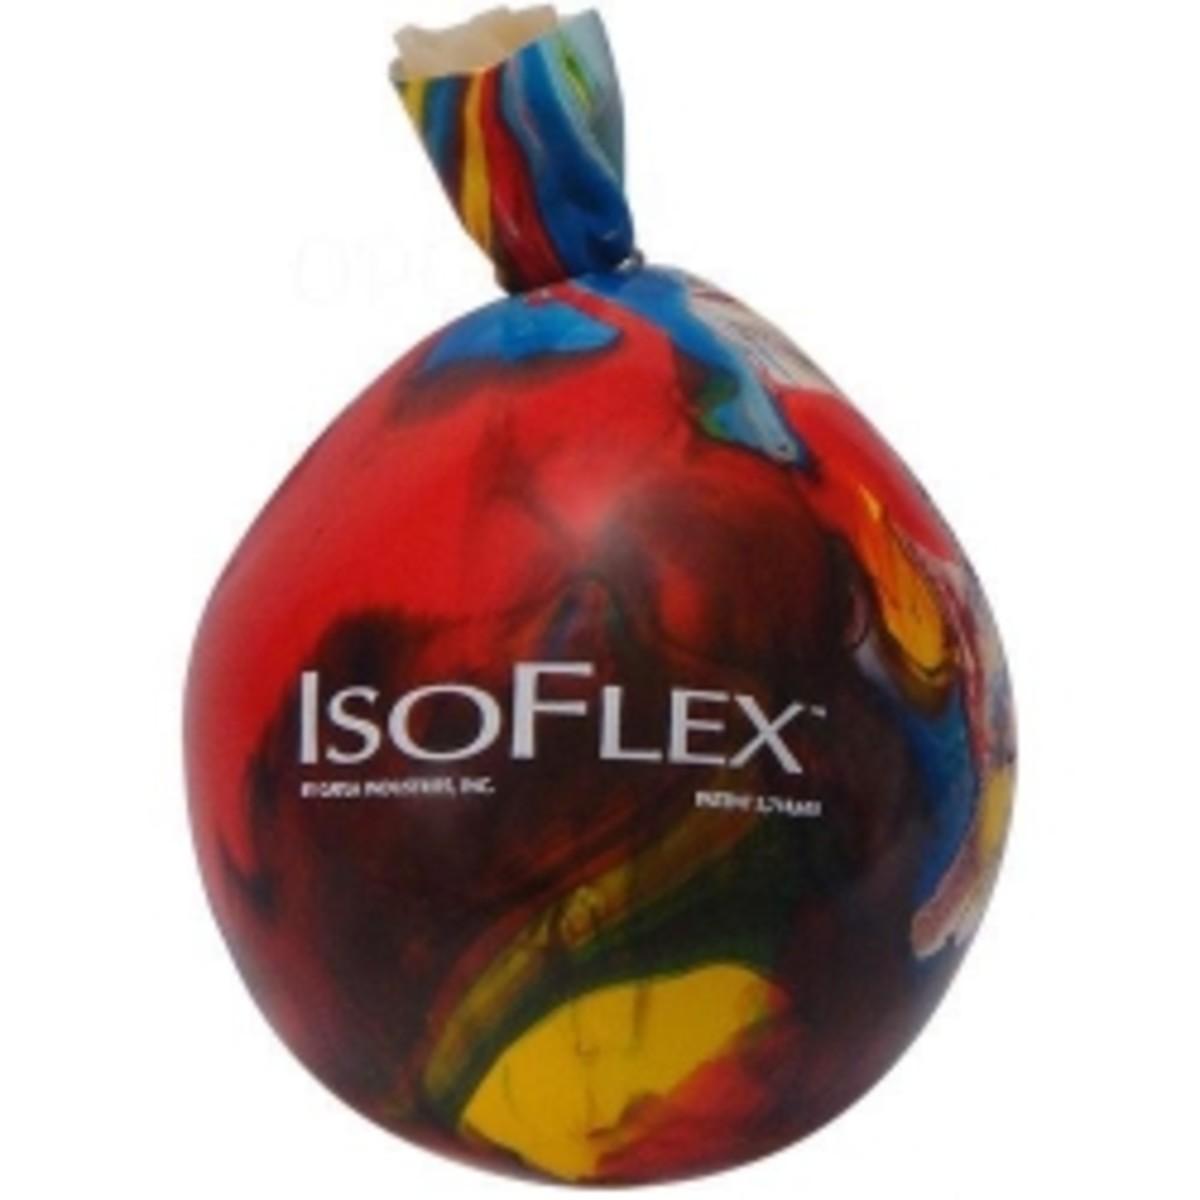 Isoflex Ball